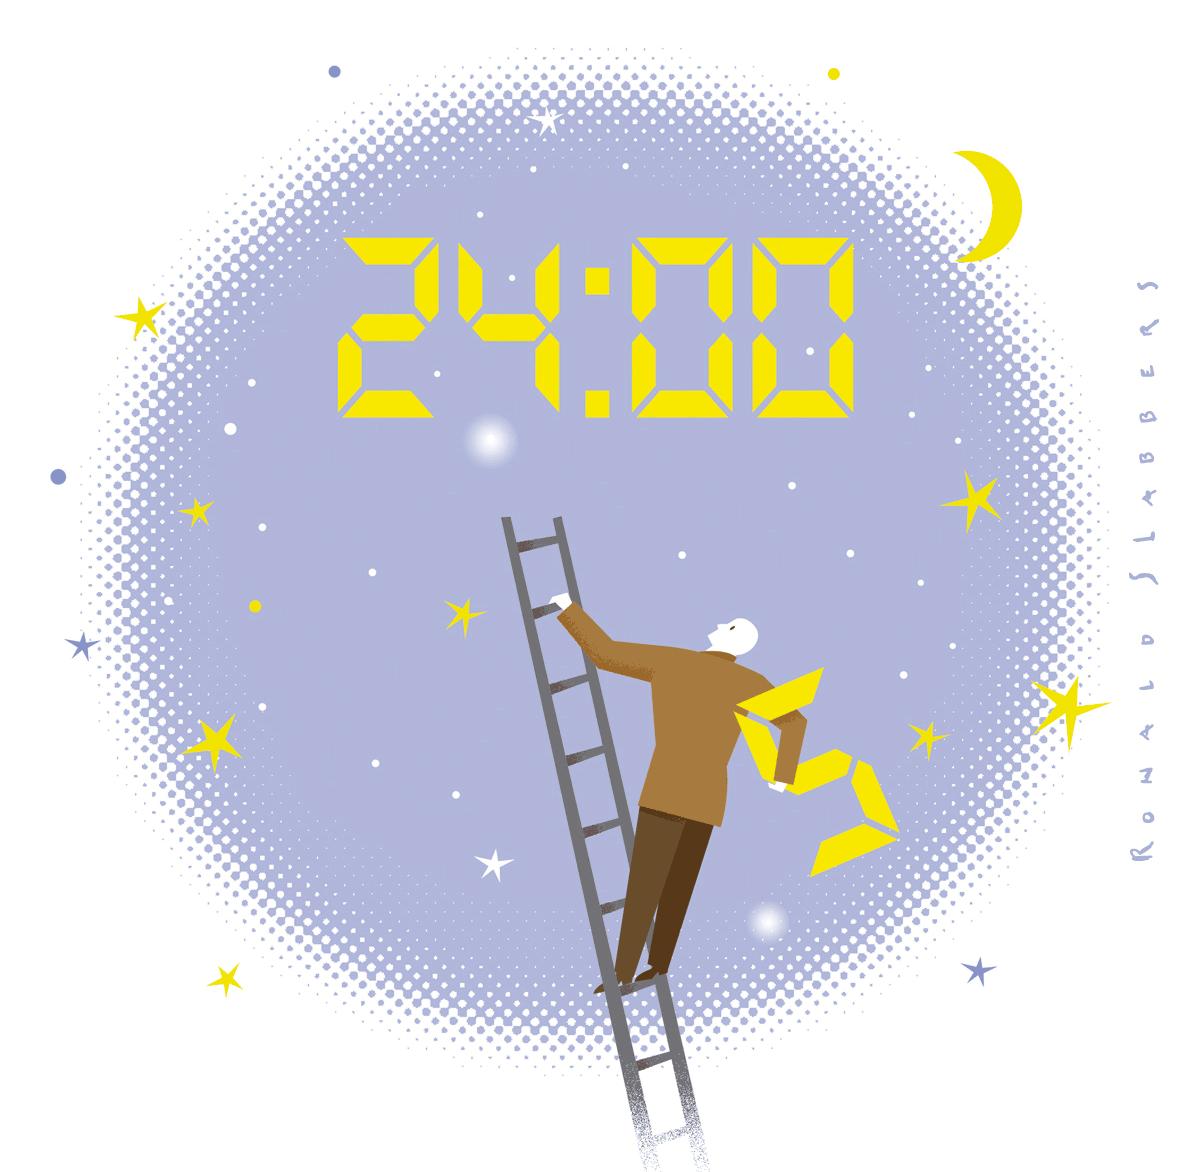 illustration van een man op een ladder en een klok hoog in de lucht, tijd tekort komen